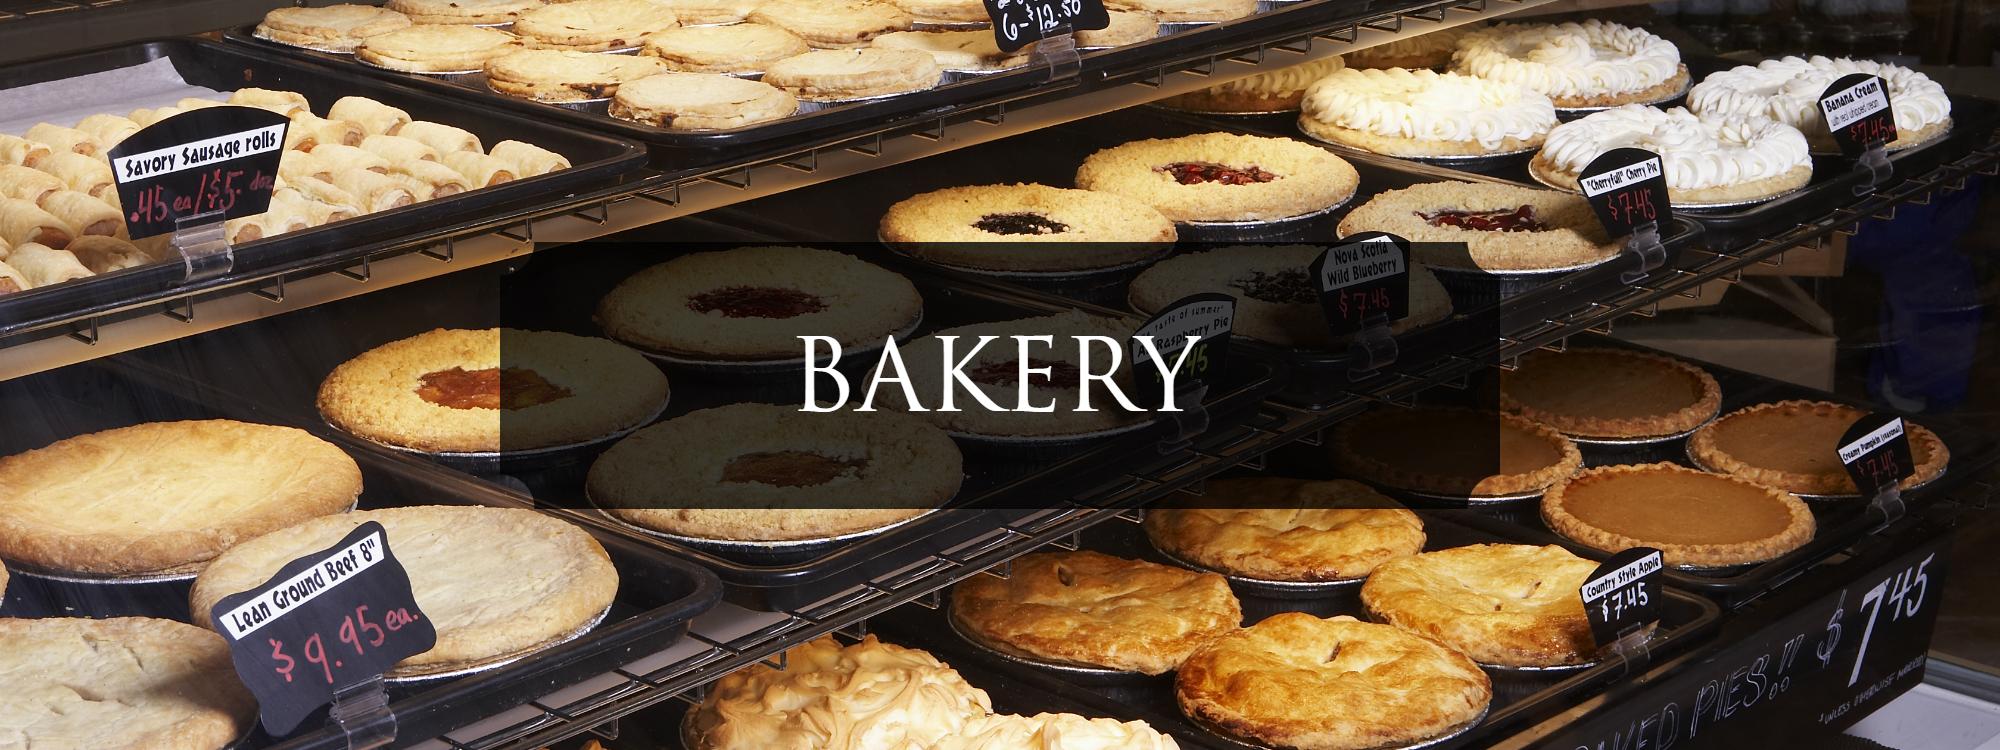 bakery banner.jpg